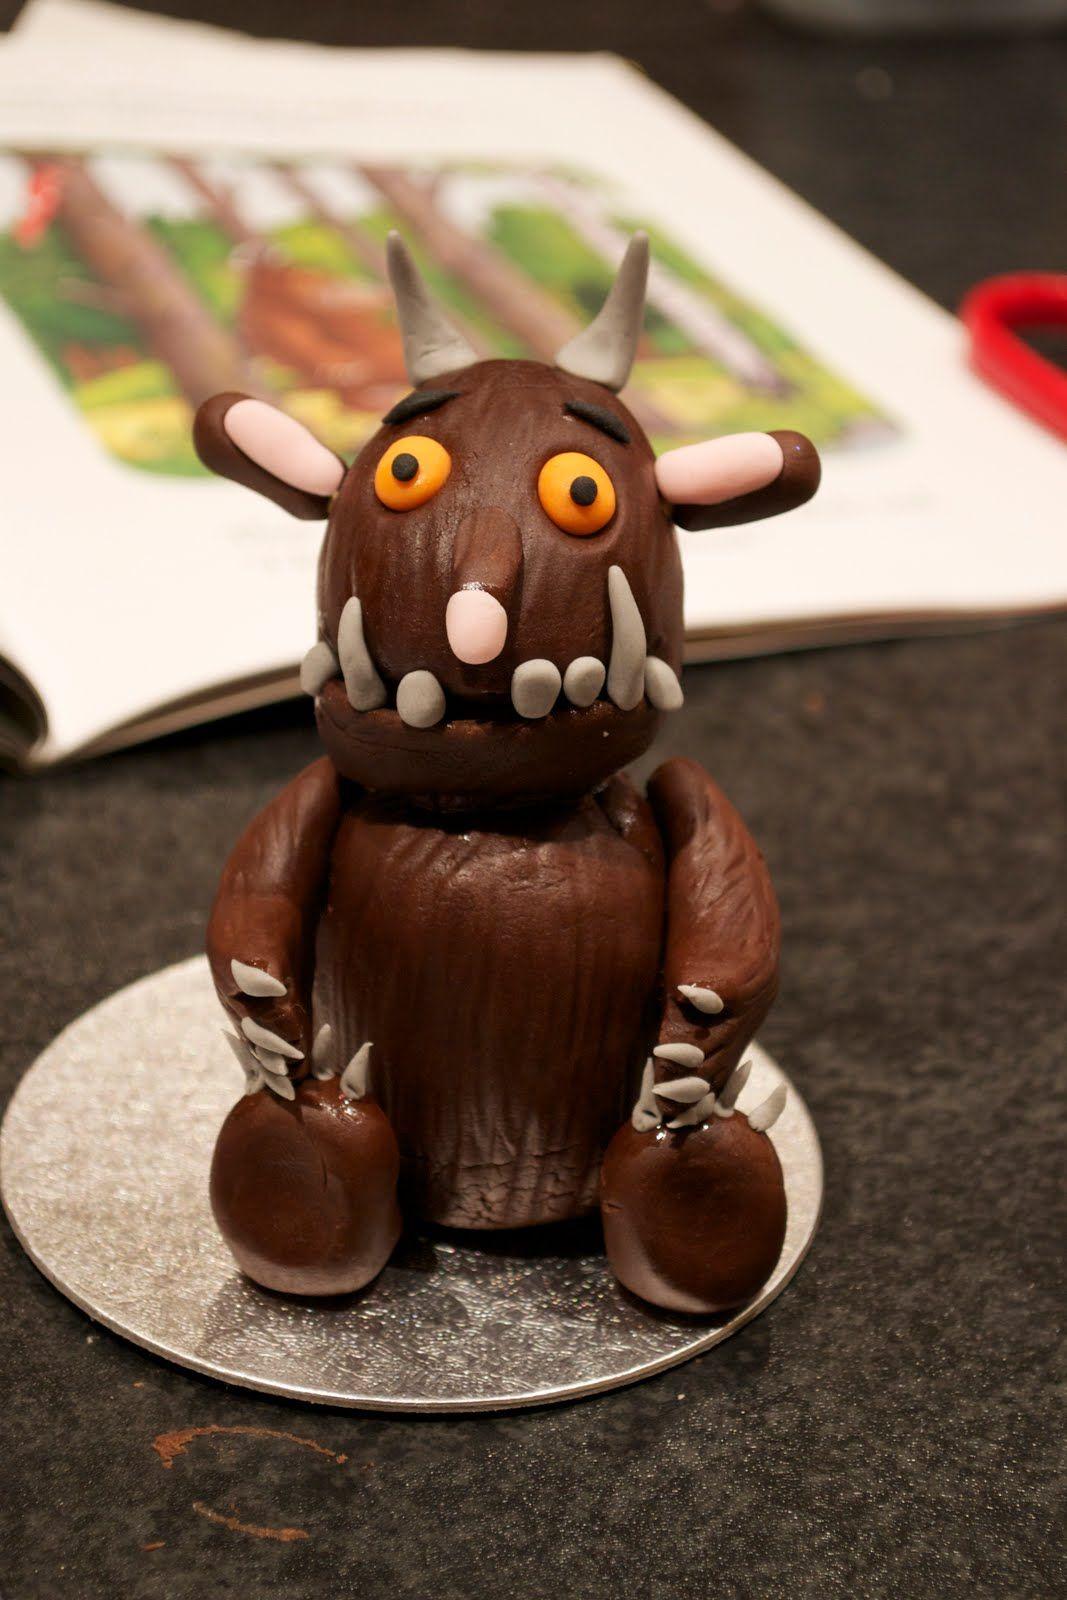 Gruffalo cake topper tutorial. Casa Costello: Tutorial - How to make an edible Gruffalo